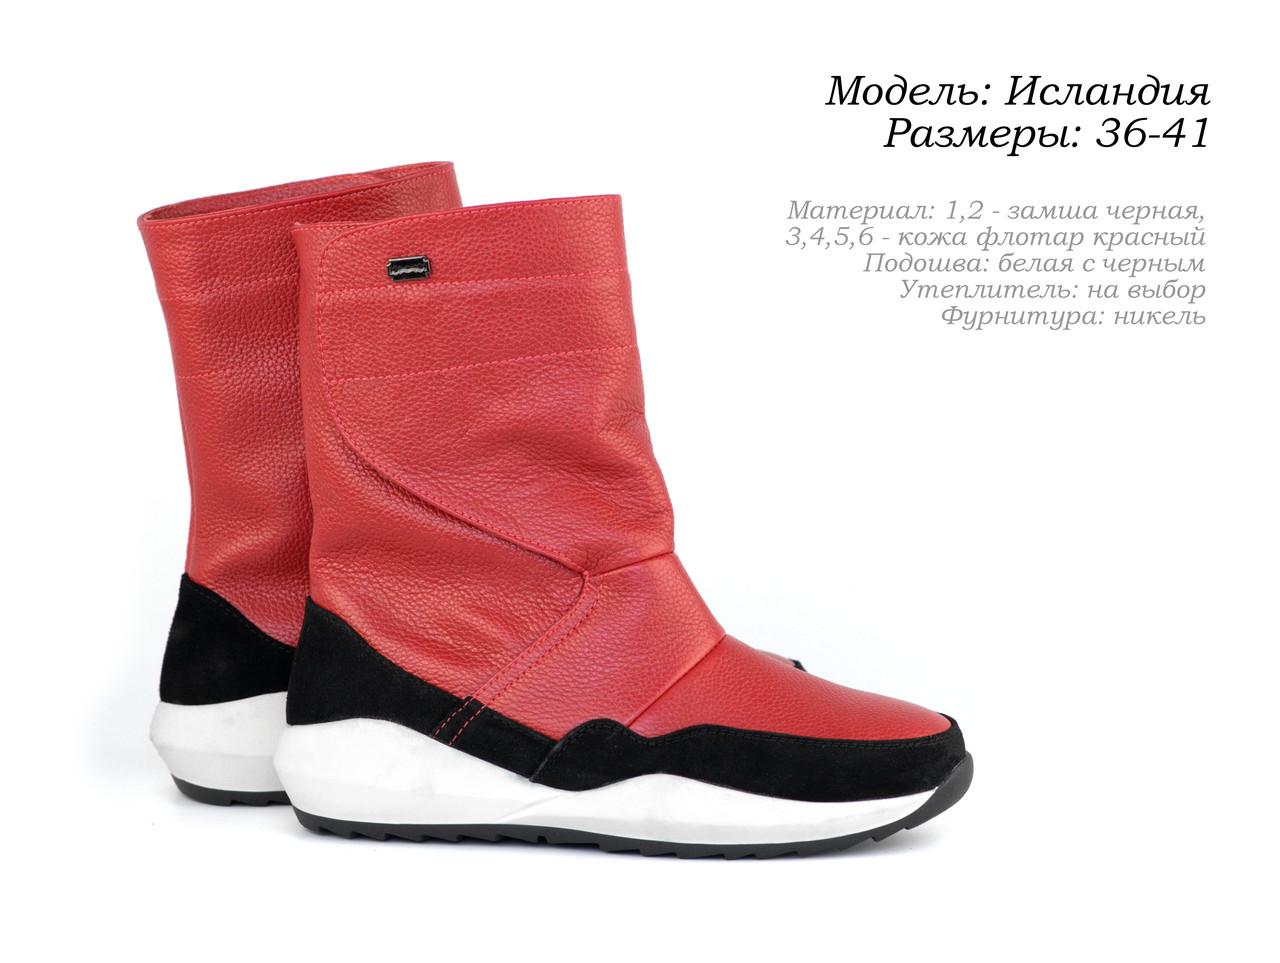 Зимняя кожаная обувь Опт Украина